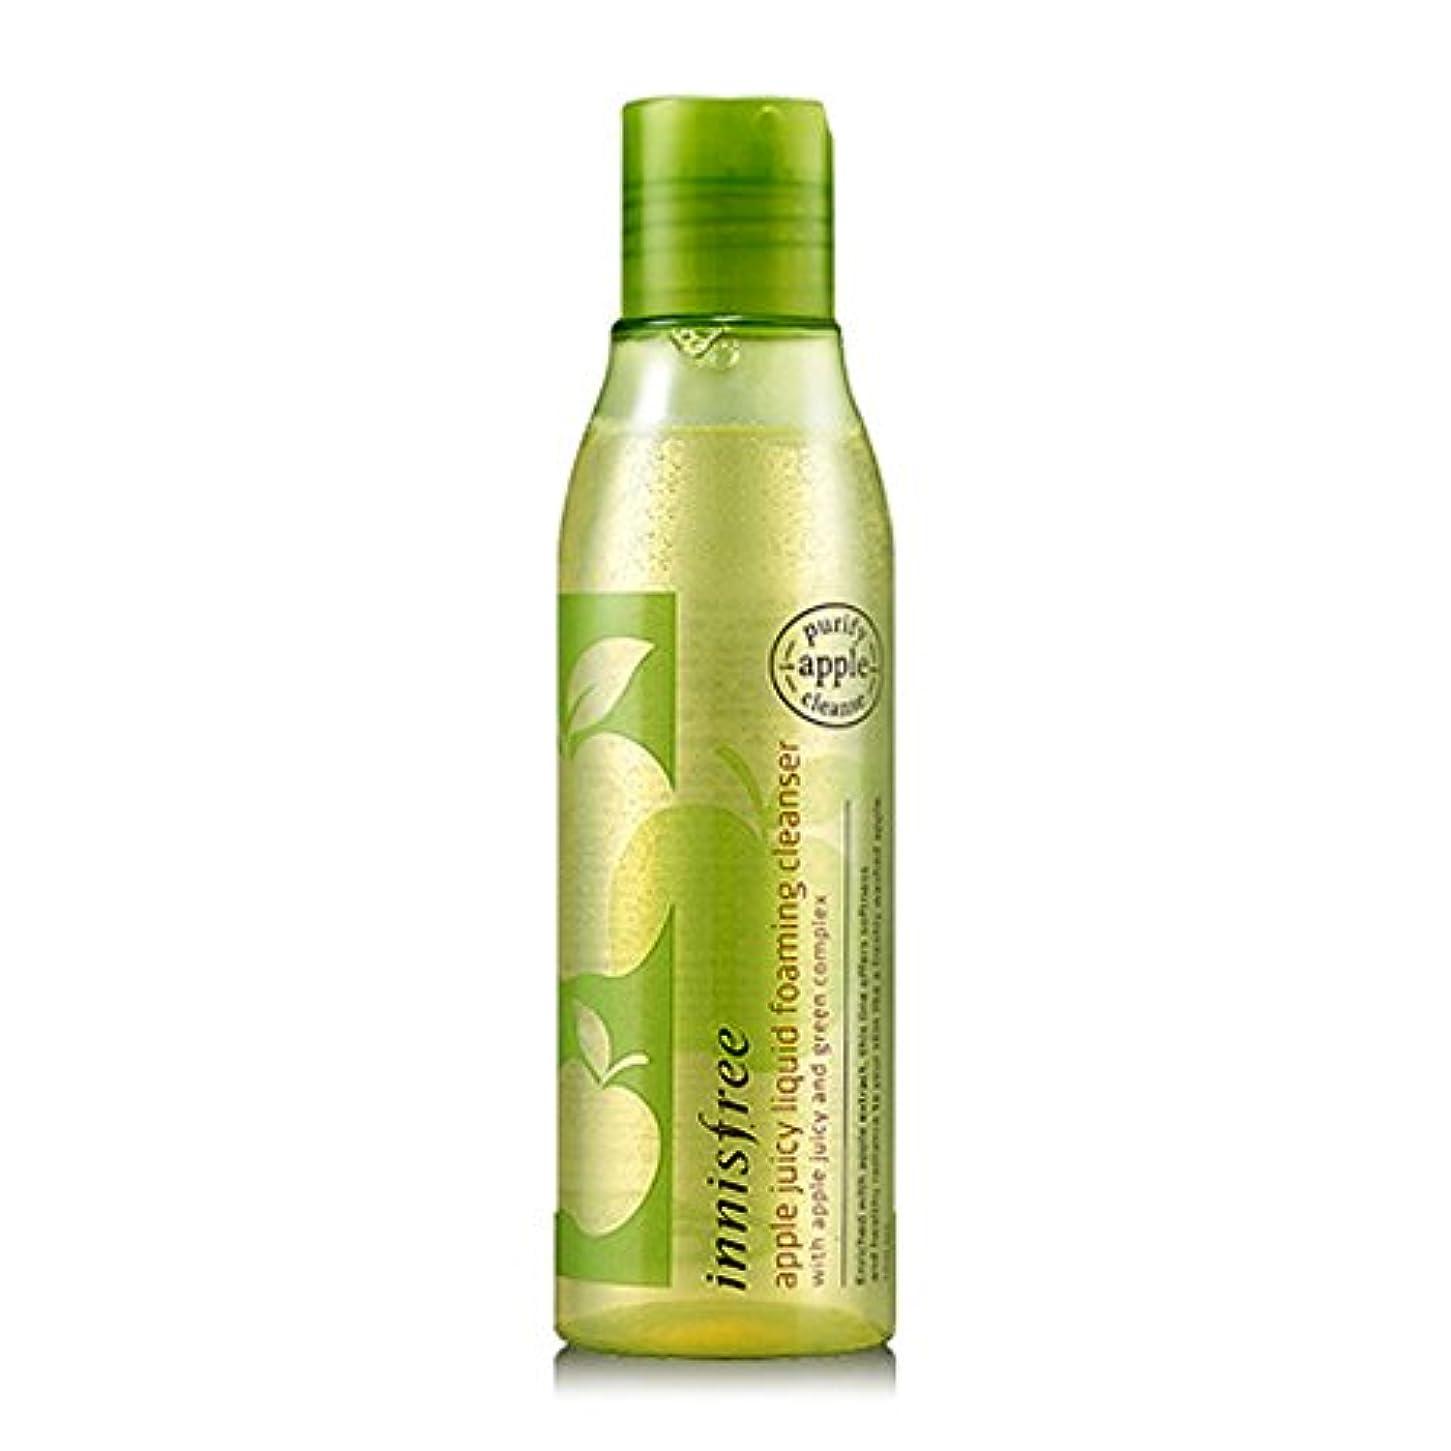 [イニスフリー Innsfree] Apple Juicy Liquid Foaming Cleanser 150ml